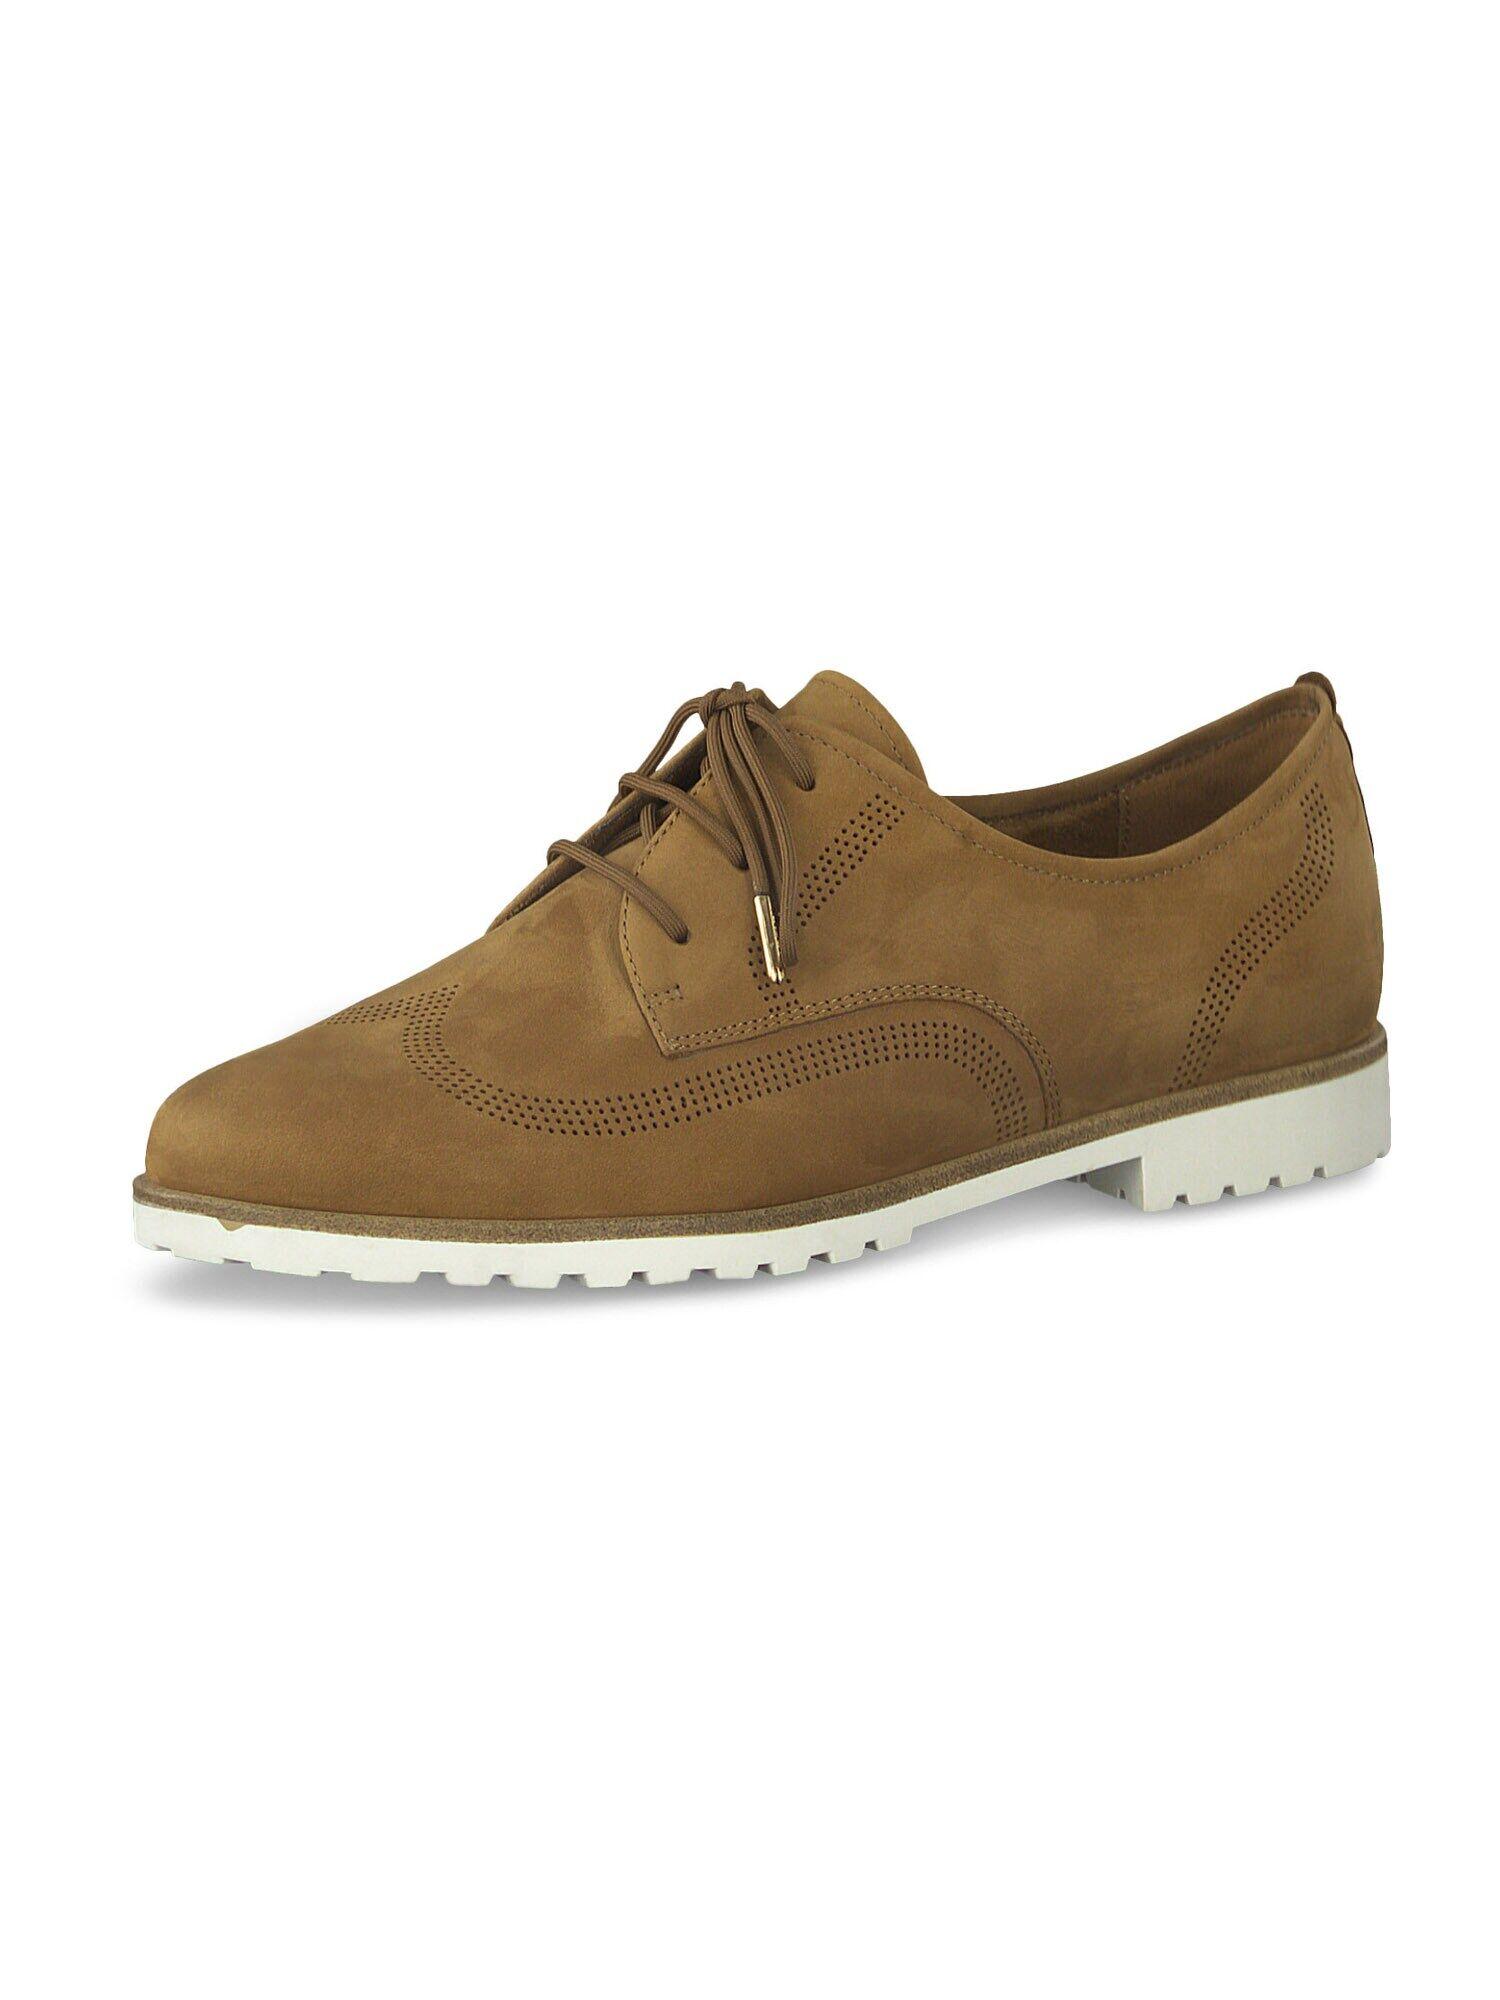 TAMARIS Chaussure à lacets  - Marron - Taille: 37 - female